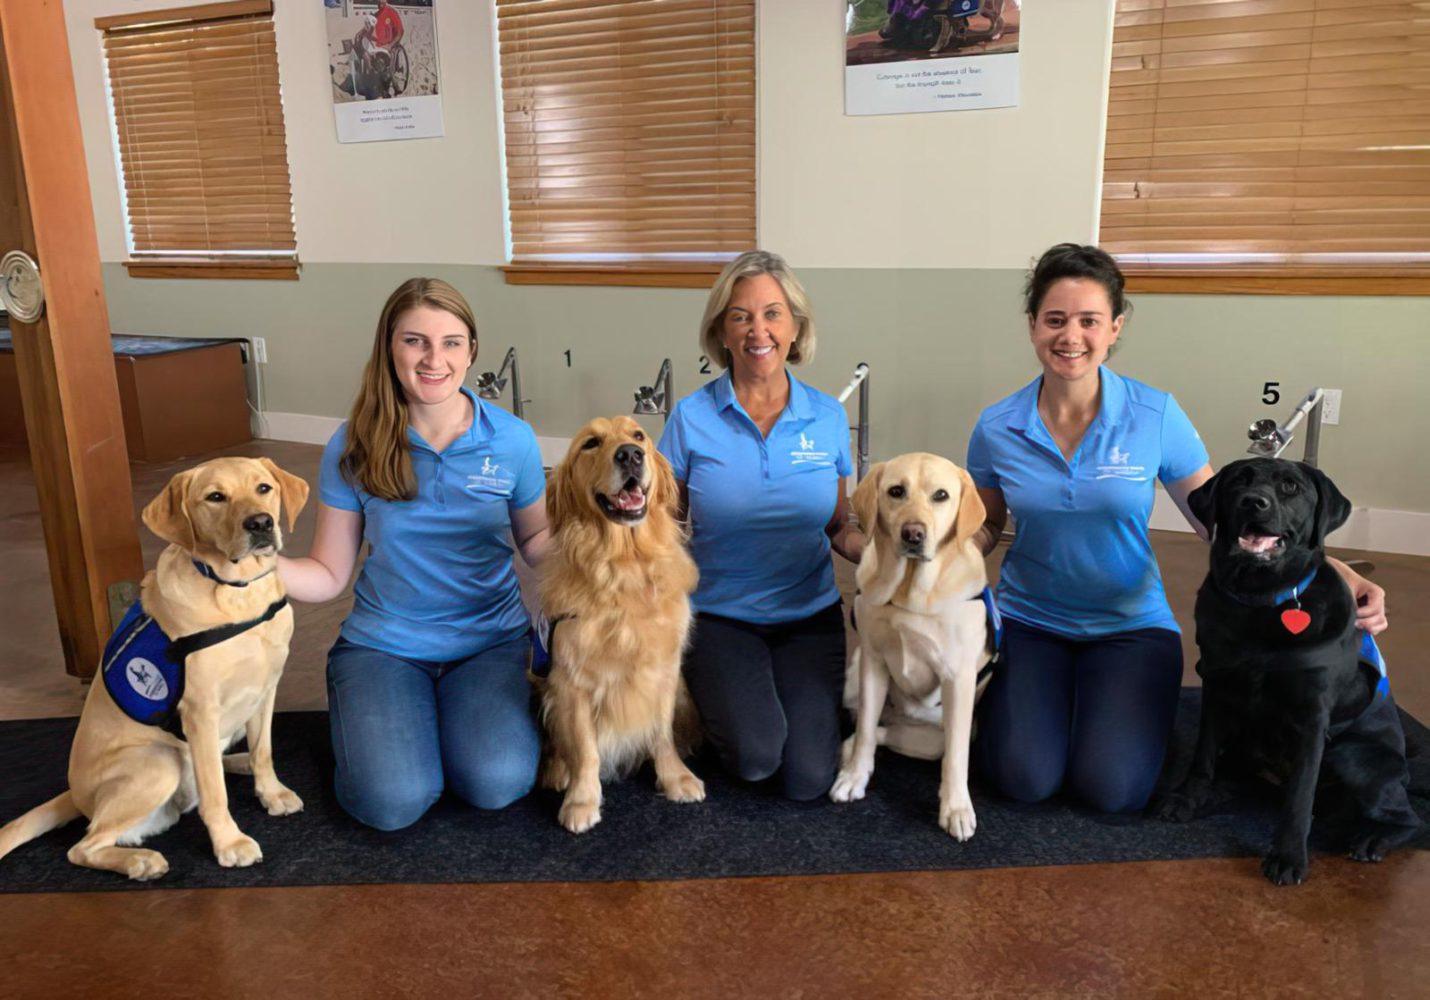 La voluntaria israelí Sarit Brinn (izquierda) con la directora ejecutiva de Assistance Dogs of Hawaii, Maureen Maurer, y otra voluntaria de ADH con un equipo de perros que se entrenan para olfatear el COVID. (Cortesía)